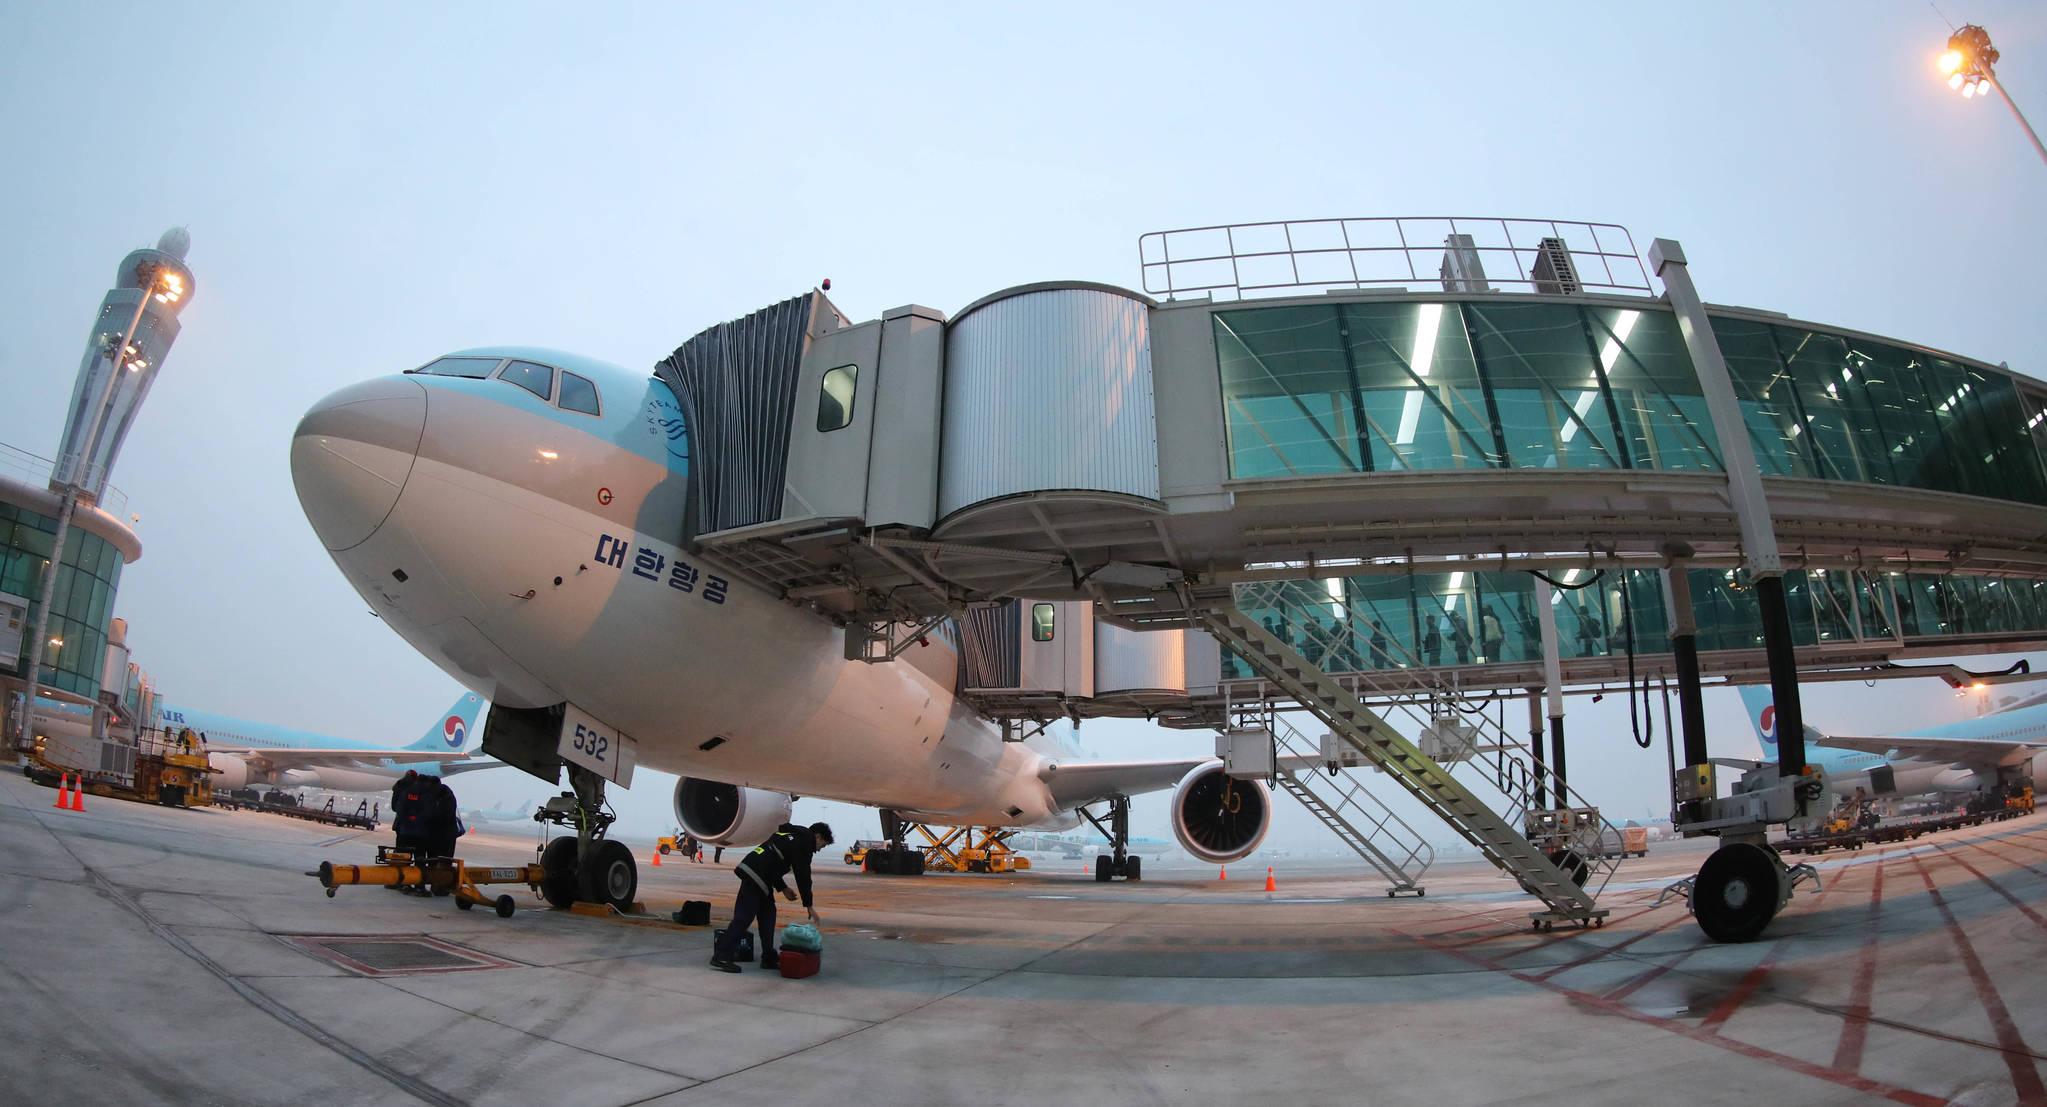 """갑자기 """"내려달라""""는 승객이 있을 경우 비행기는 대부분 다시 출발 게이트로 돌아온다. [중앙포토]"""